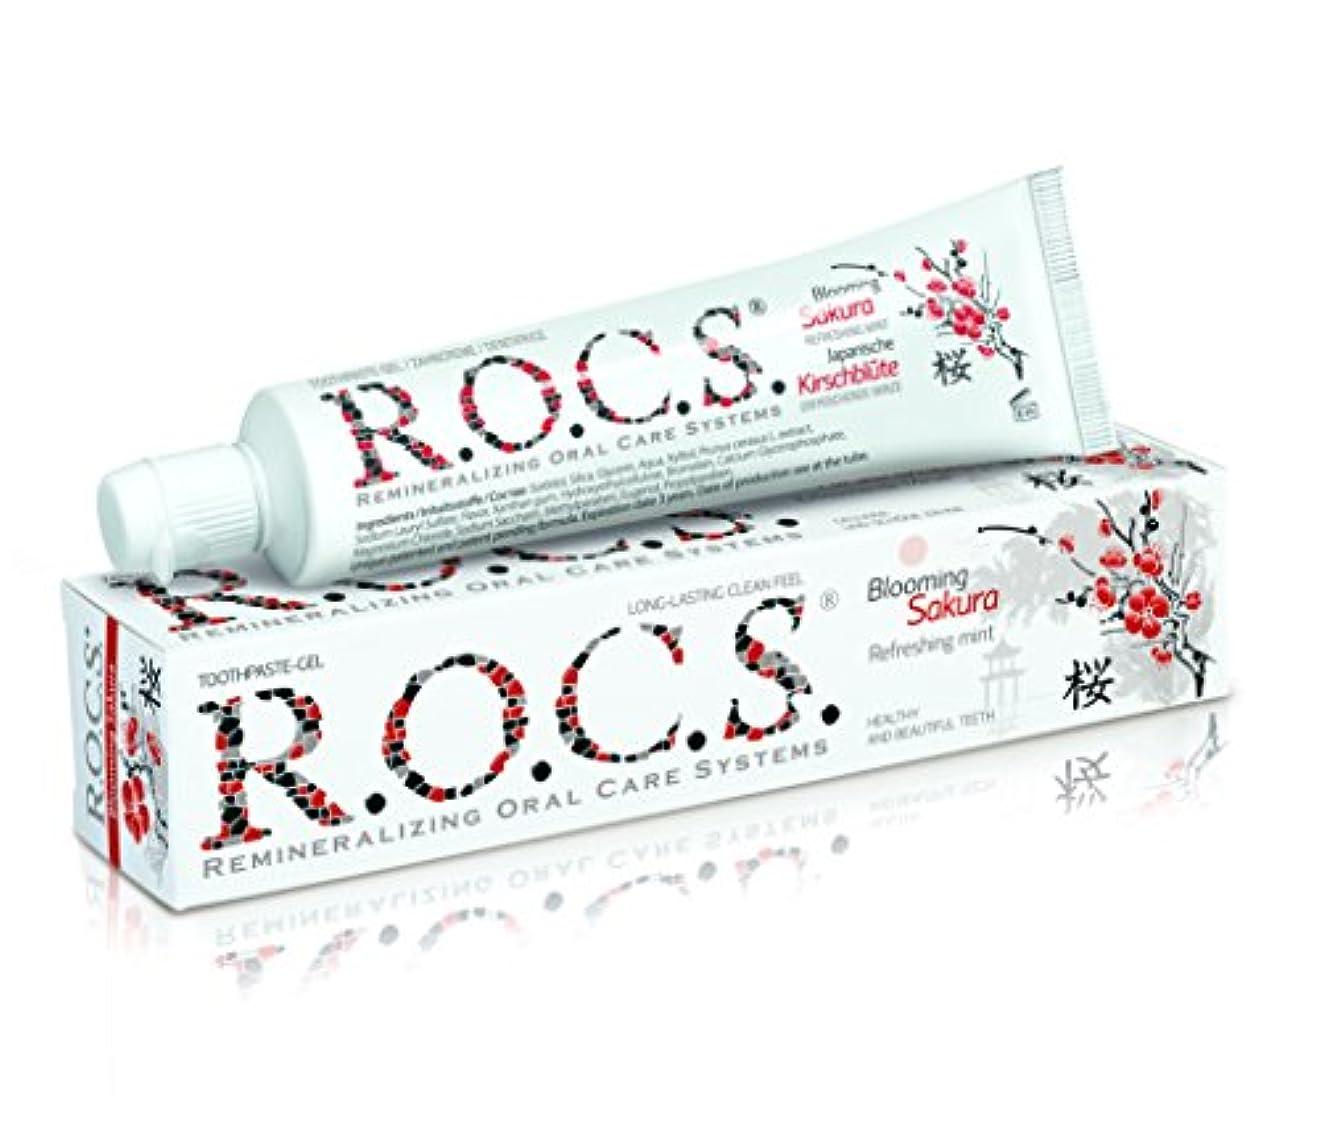 動的英語の授業があります範囲R.O.C.S. ロックス歯磨き粉 ブルーミング サクラ